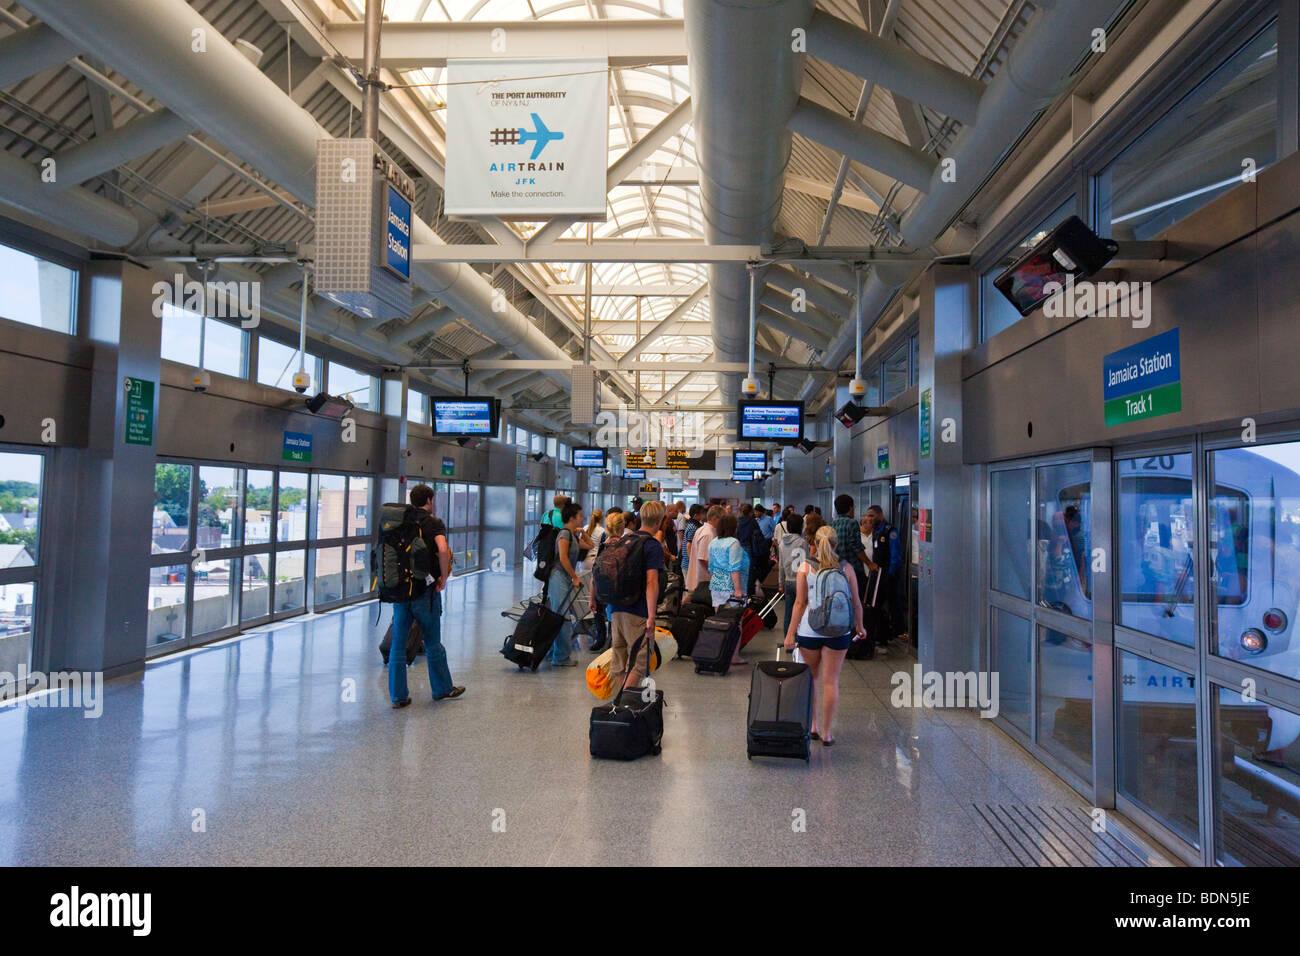 Aeroporto New York Jfk : Airtrain per l aeroporto jfk di new york foto immagine